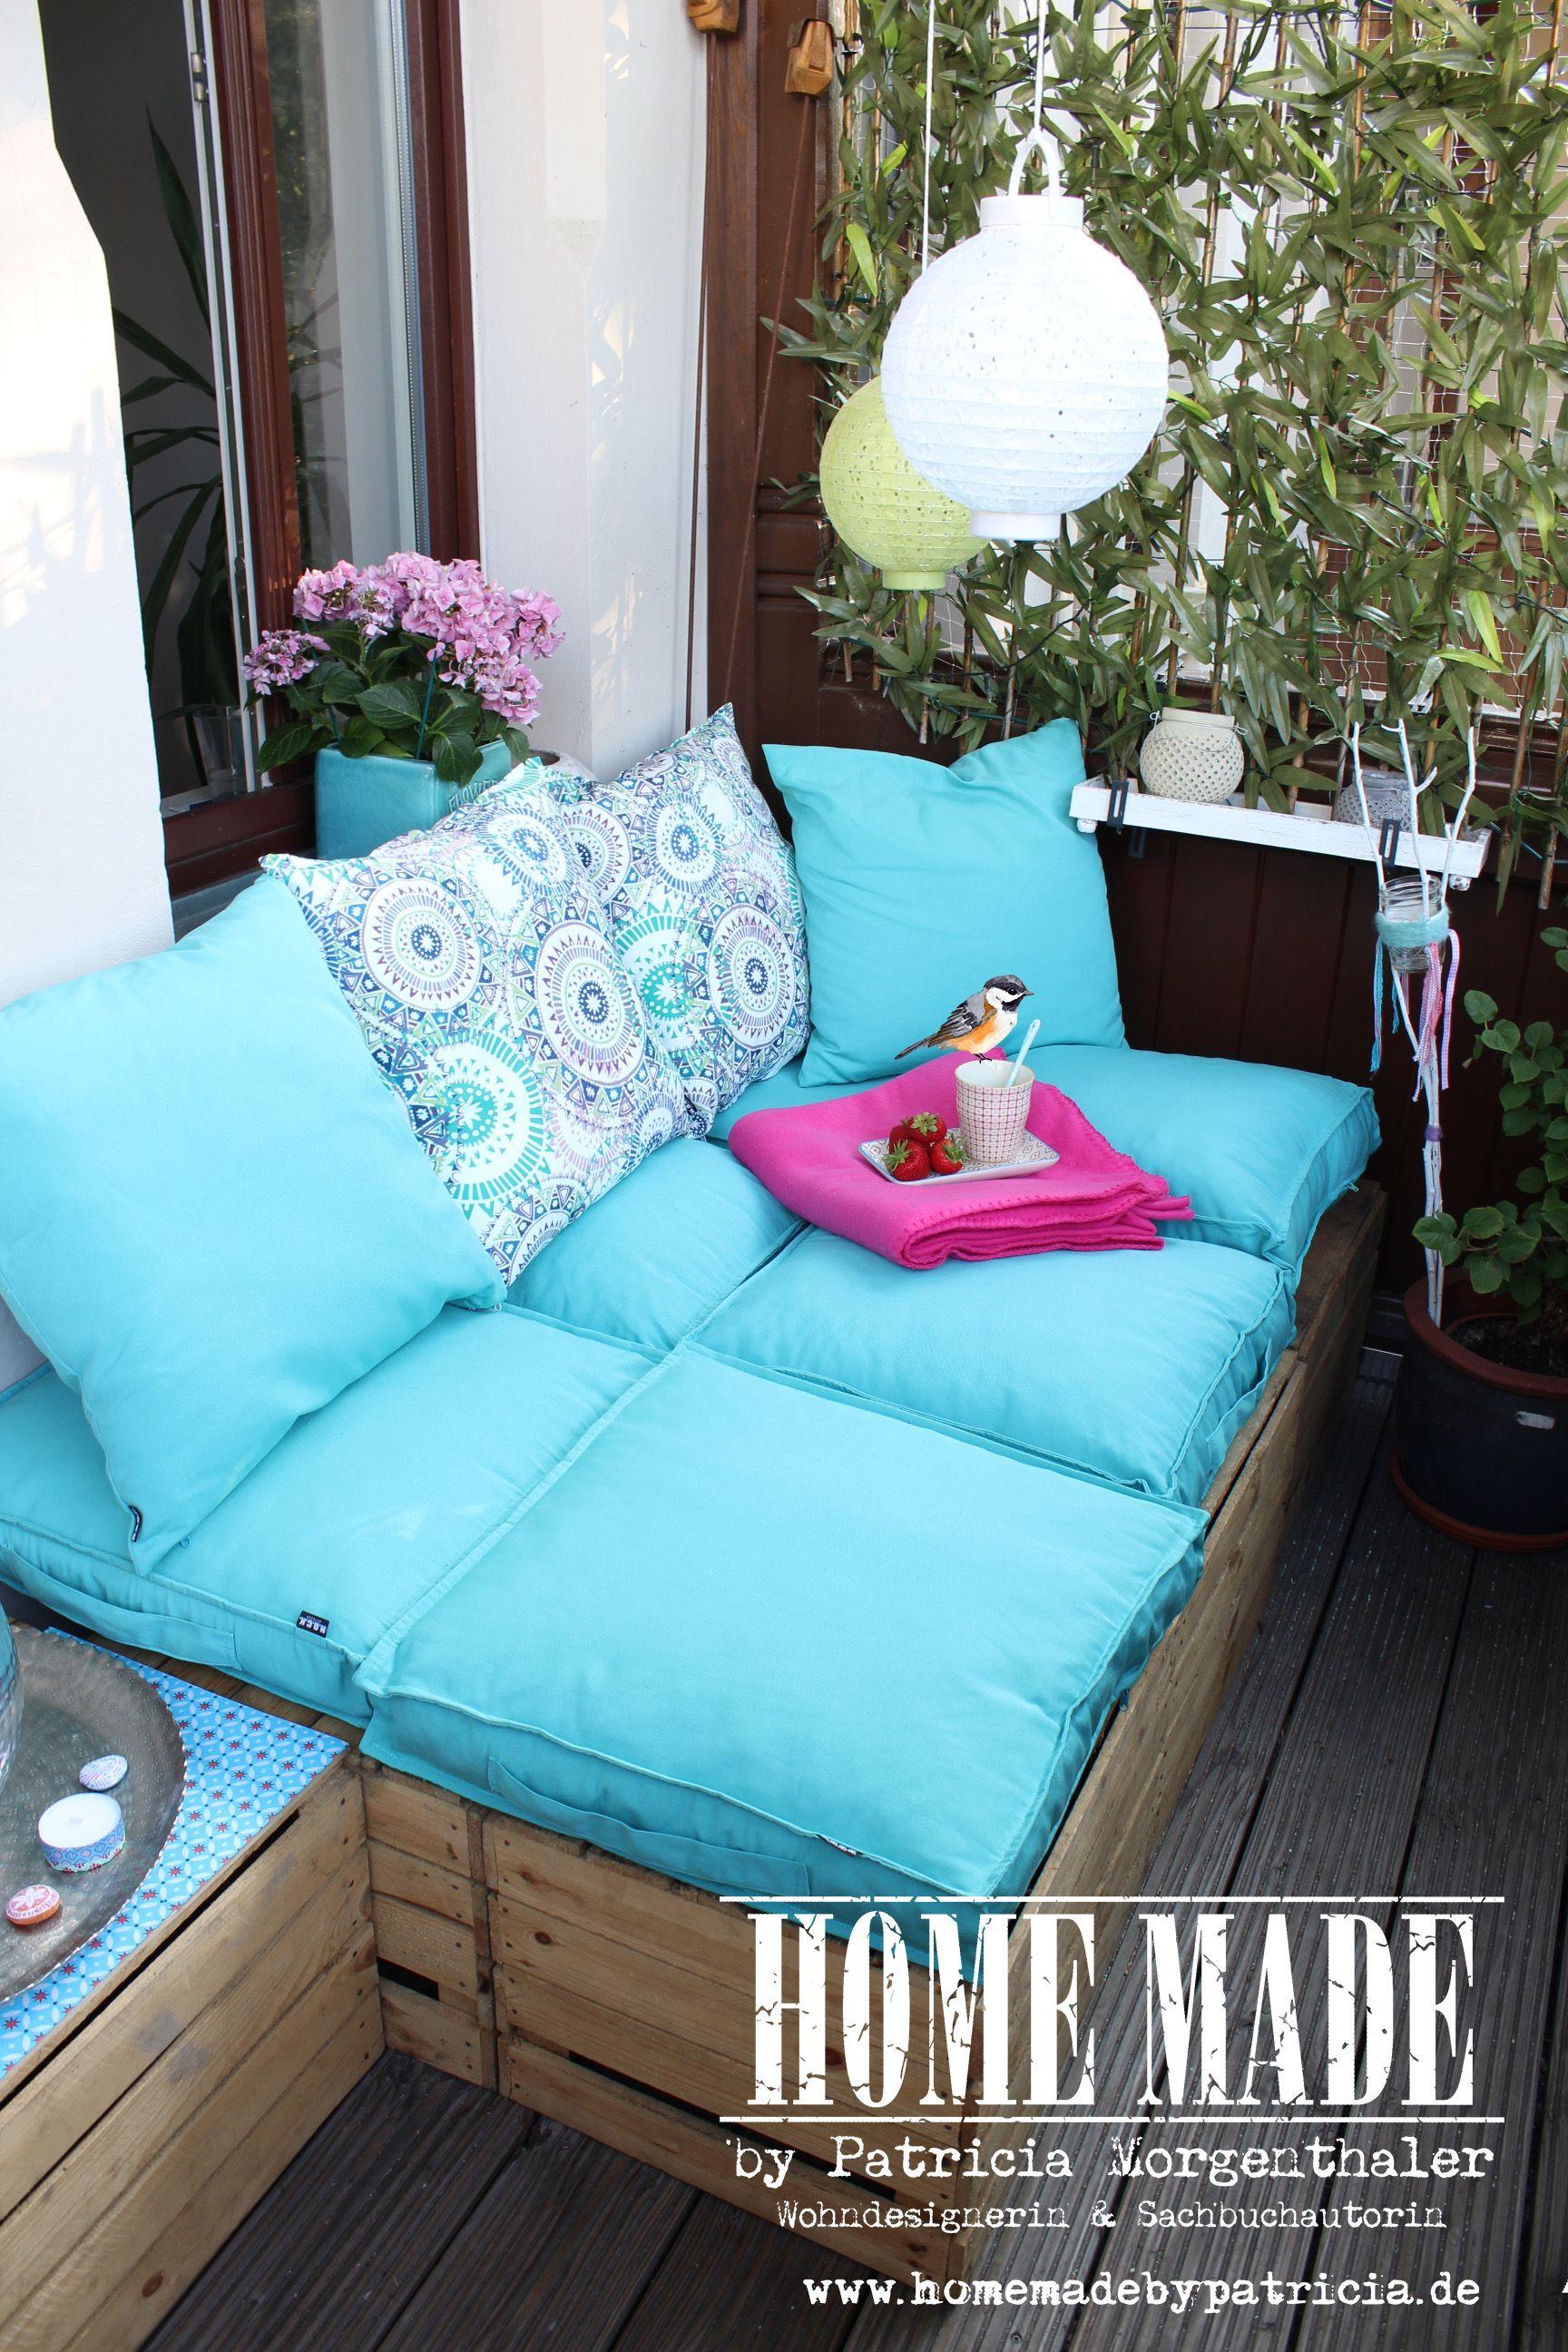 kuhle dekoration loungemobel balkon selber bauen, diy idee: endlich habe ich es geschafft und aus meinen zahlreichen, Innenarchitektur